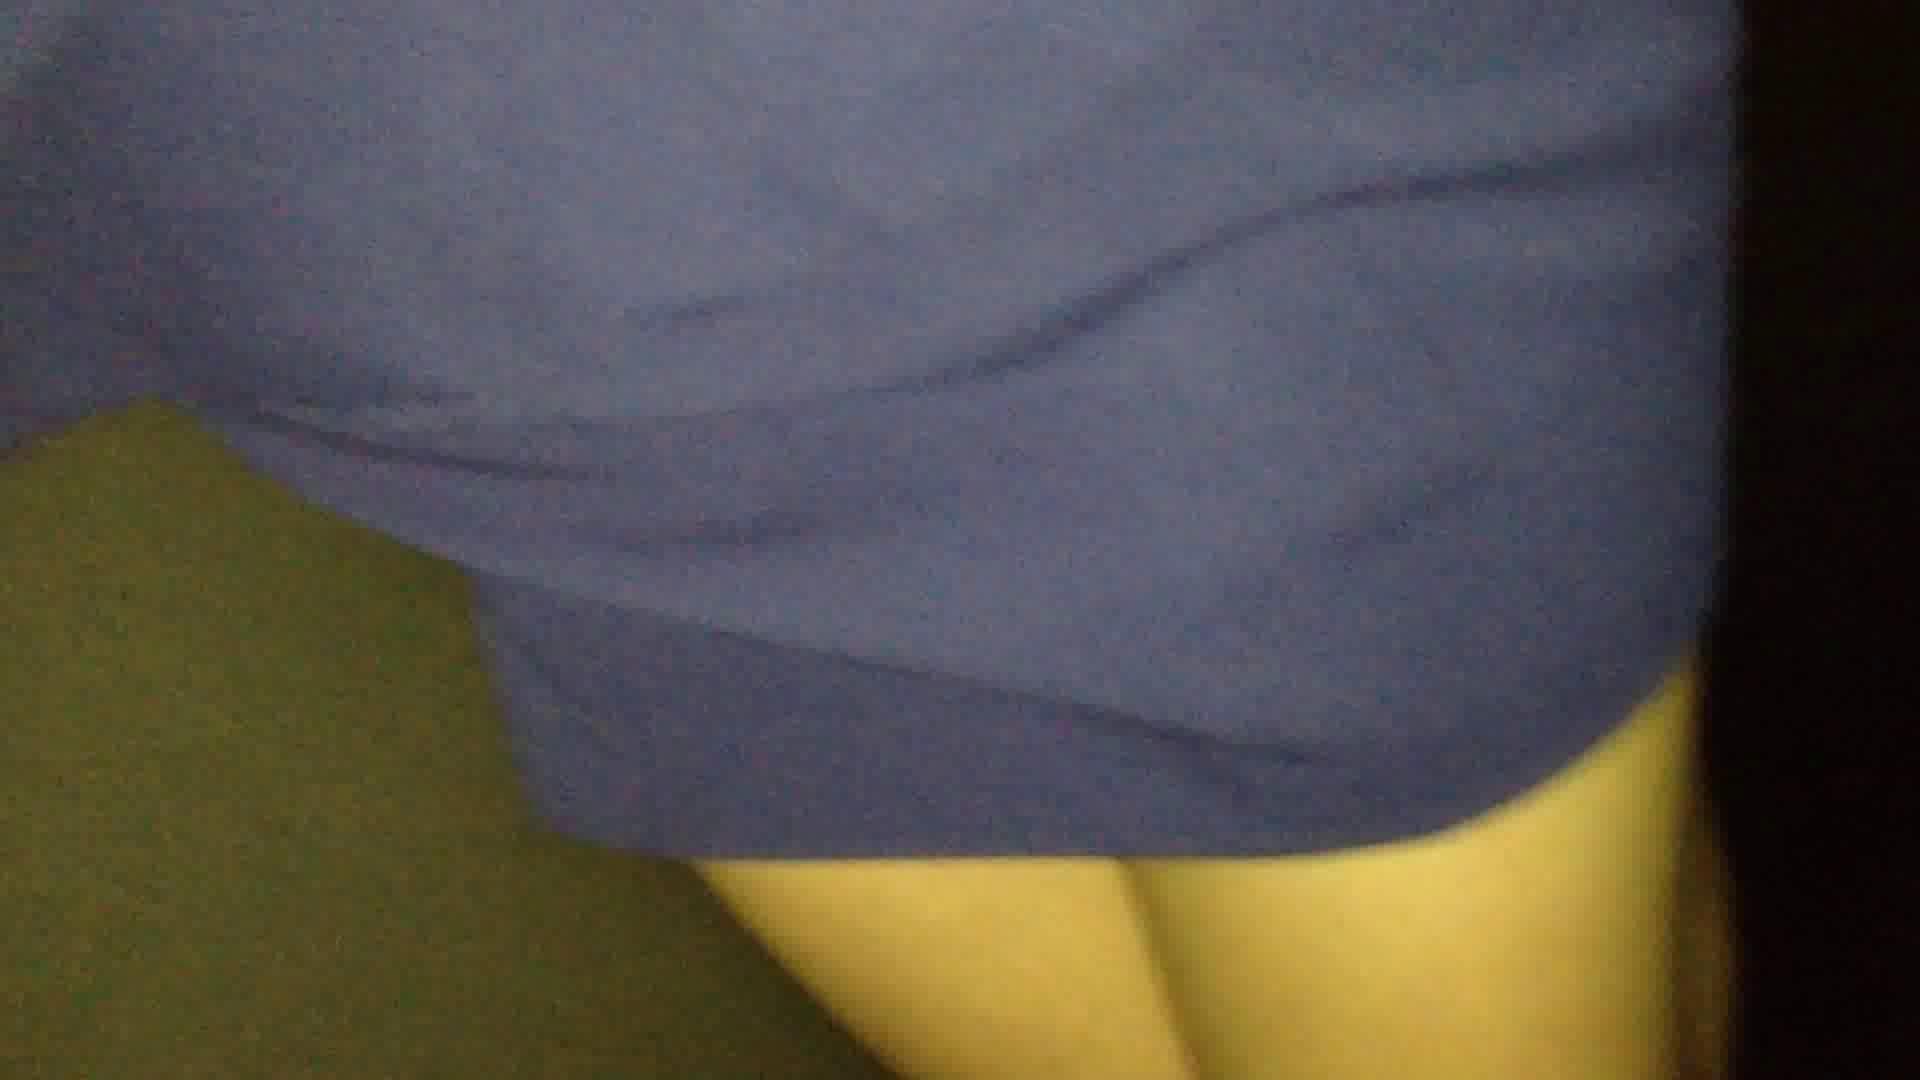 vol.45 【YMちゃん】現役JD純白パンツのお嬢様 チラ エロ無料画像 71画像 51